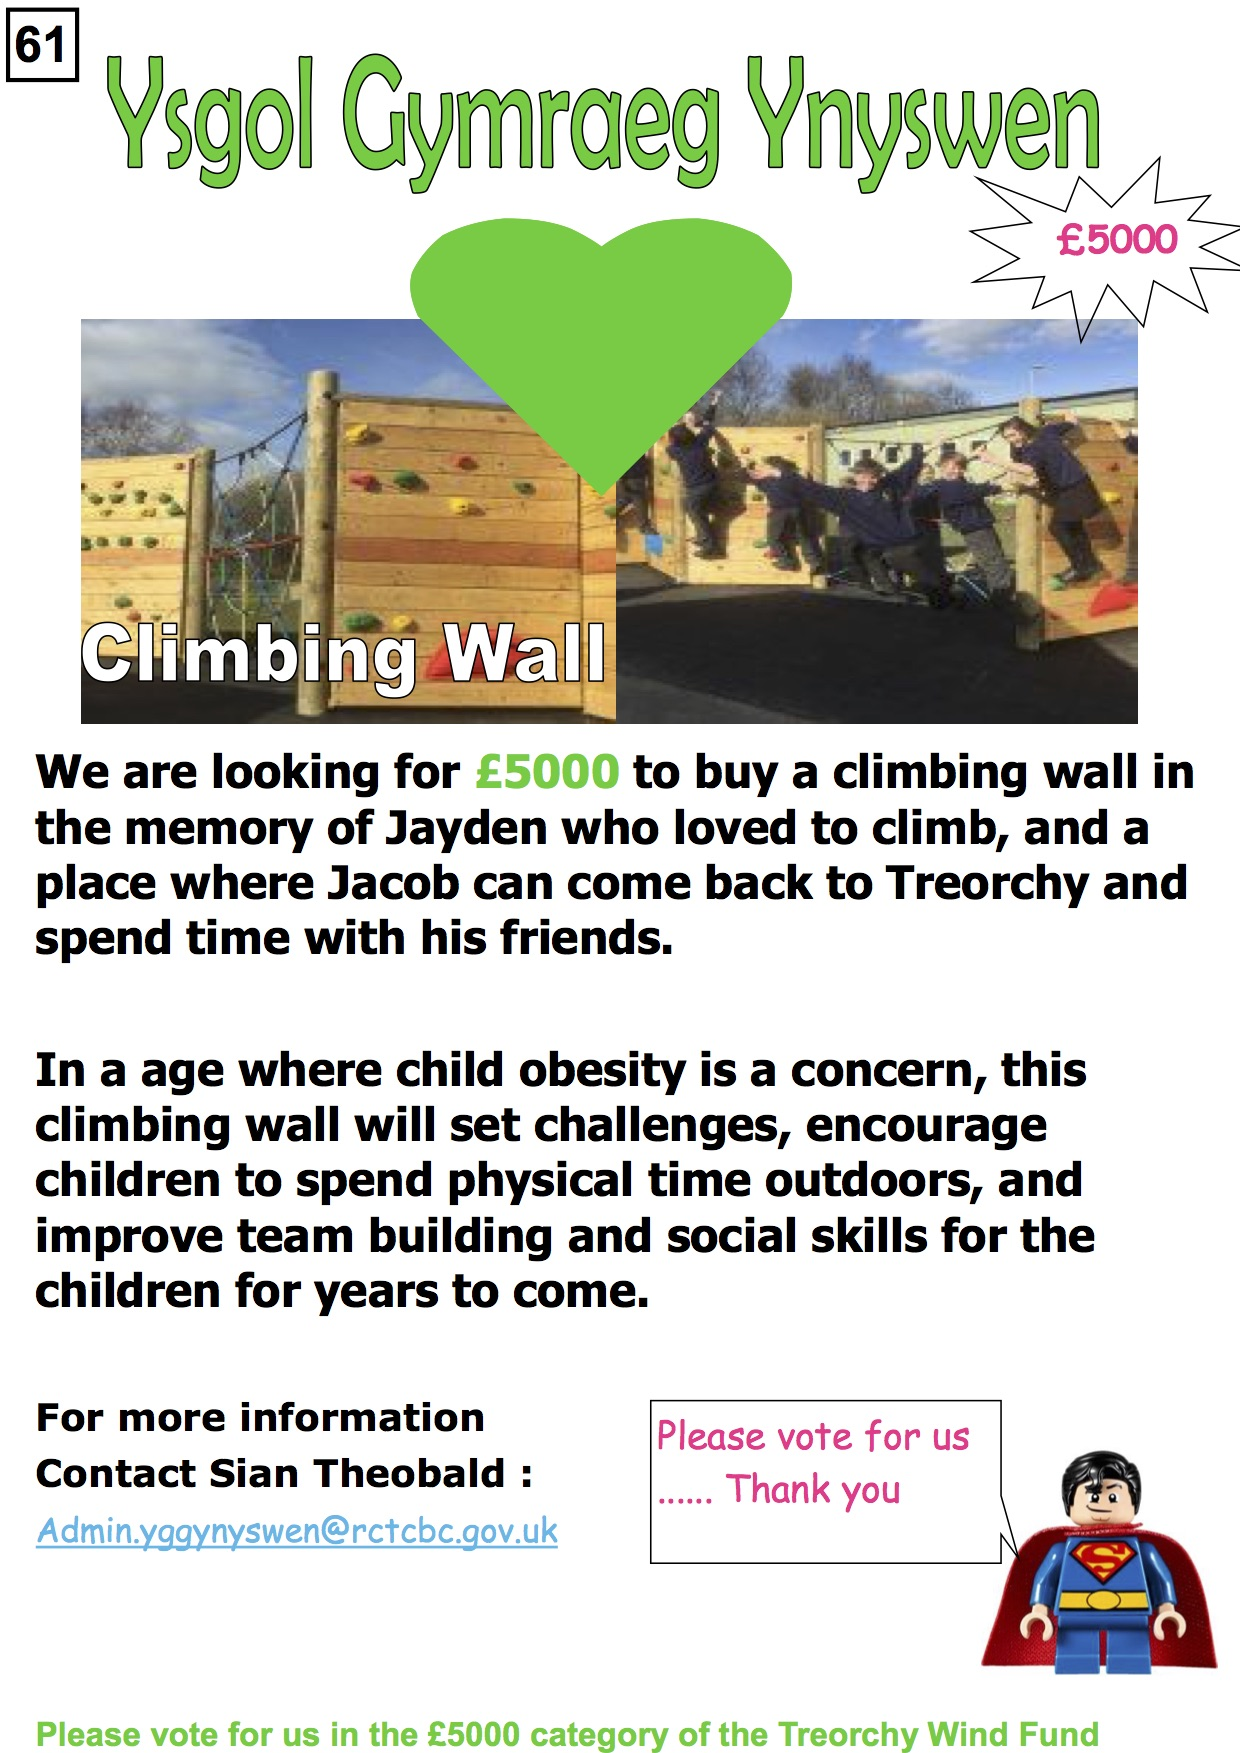 61._YGG_Ynyswen_-_Poster_£5000_-_290919.